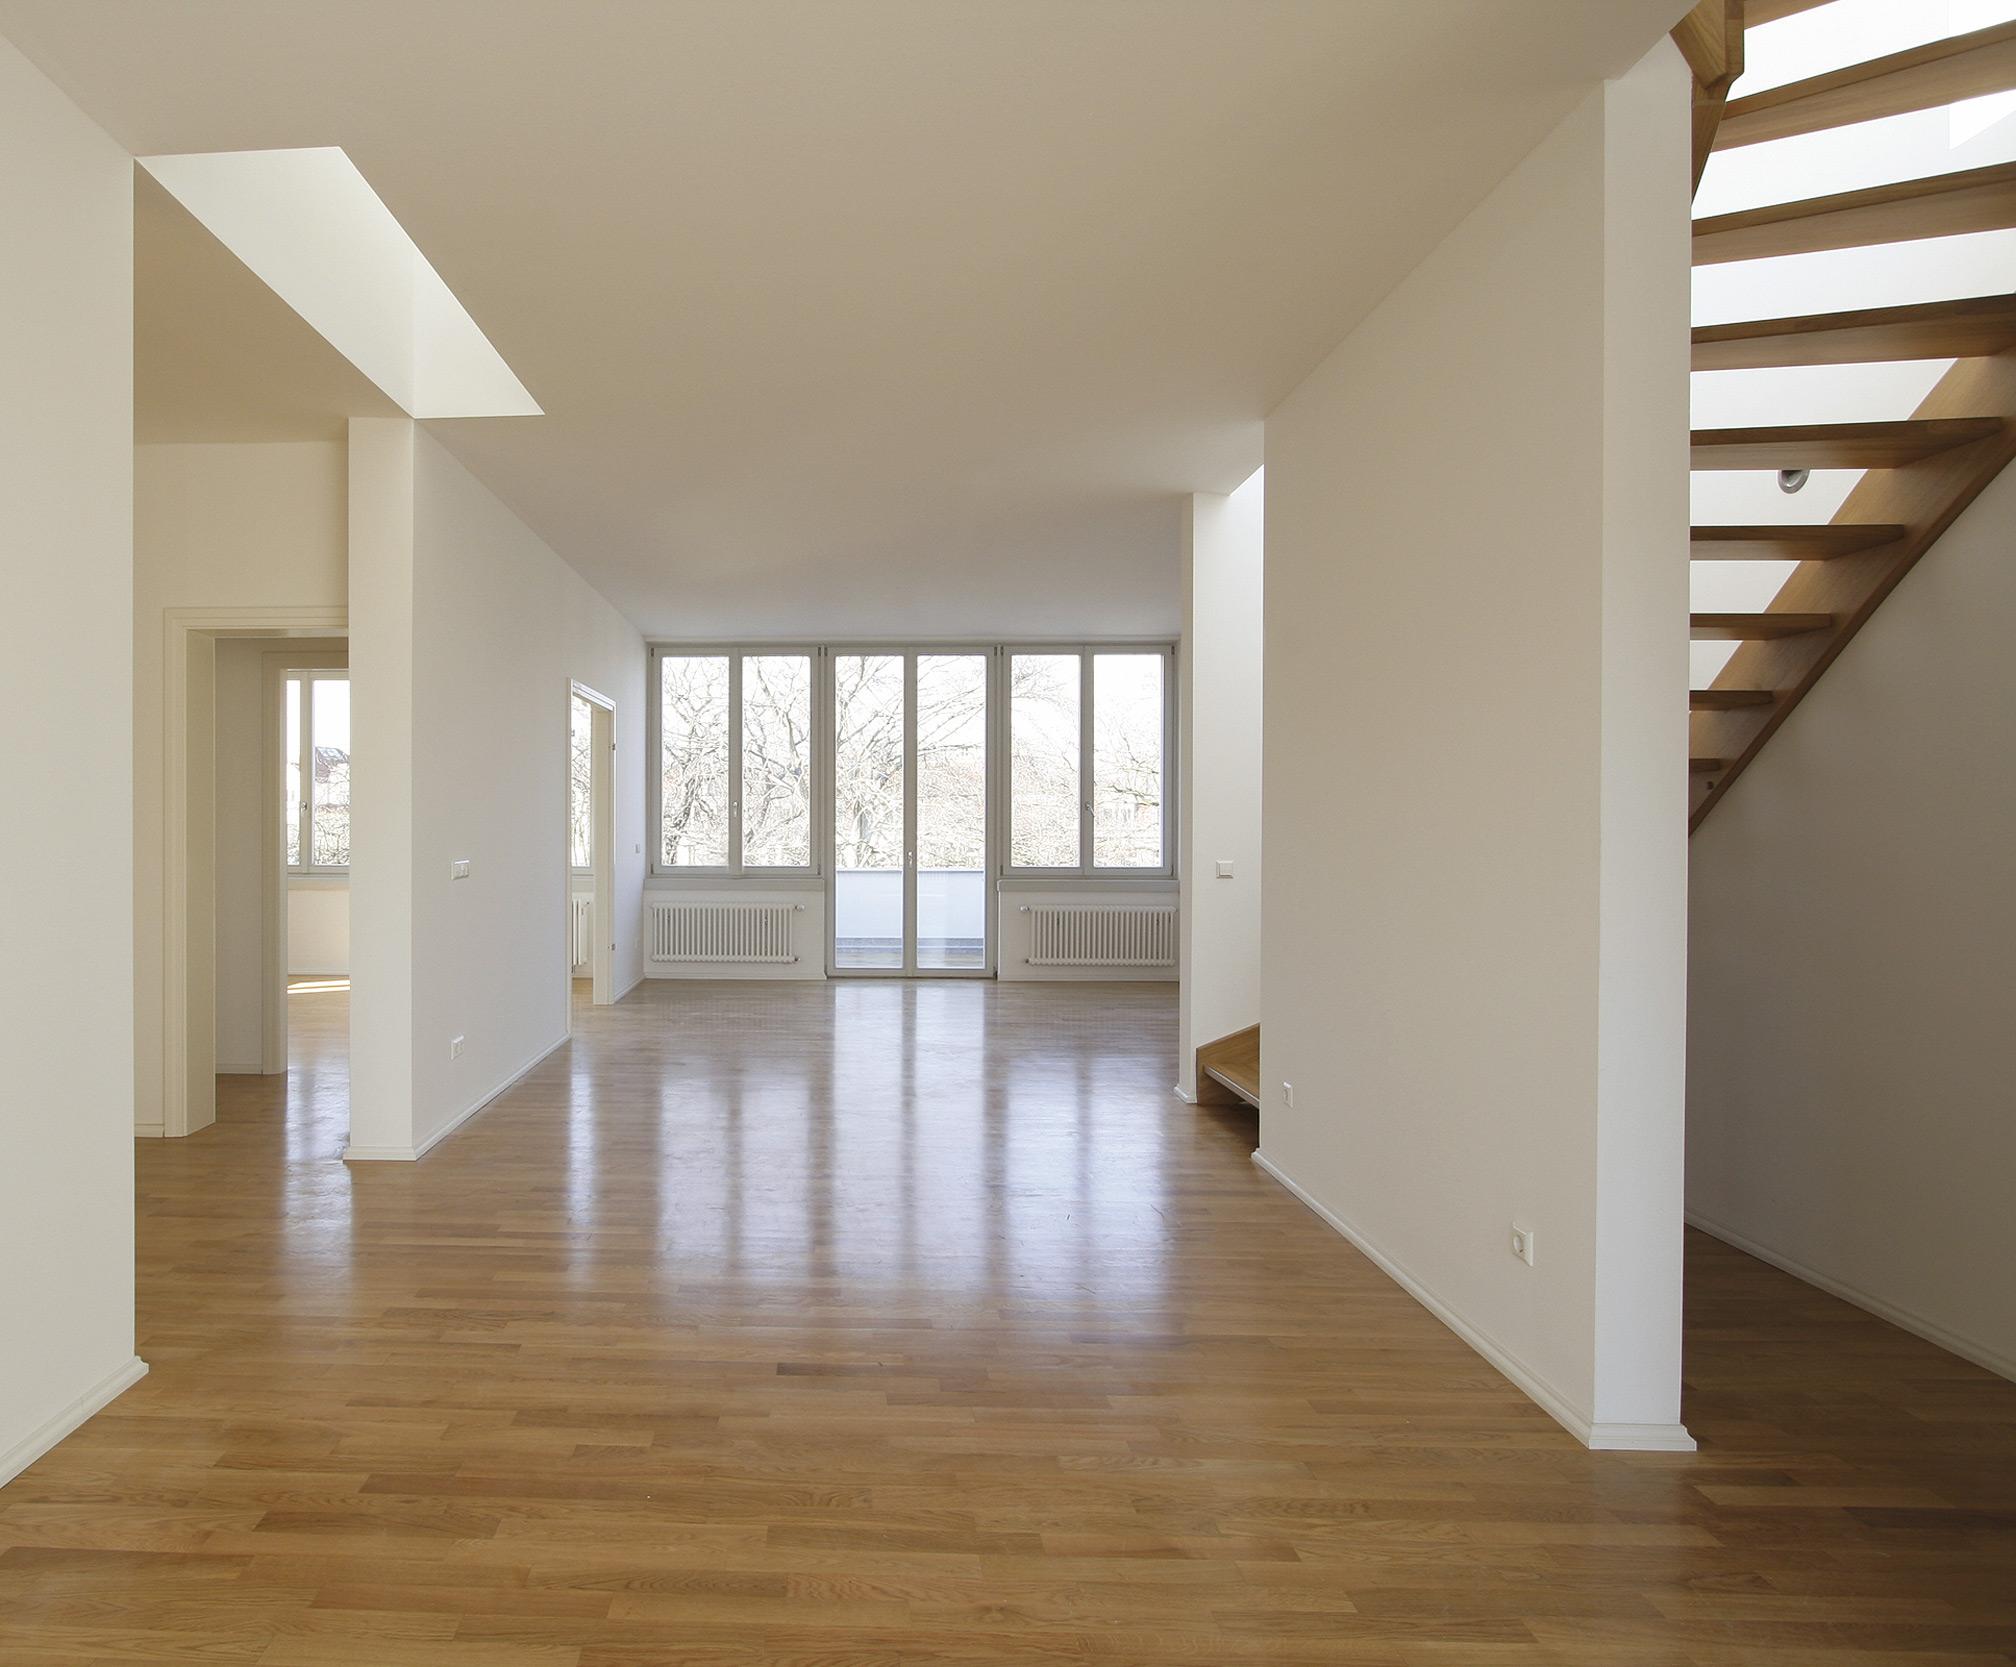 Der loftartige Innenausbau kontrastiert zum äußeren Altbaucharakter.